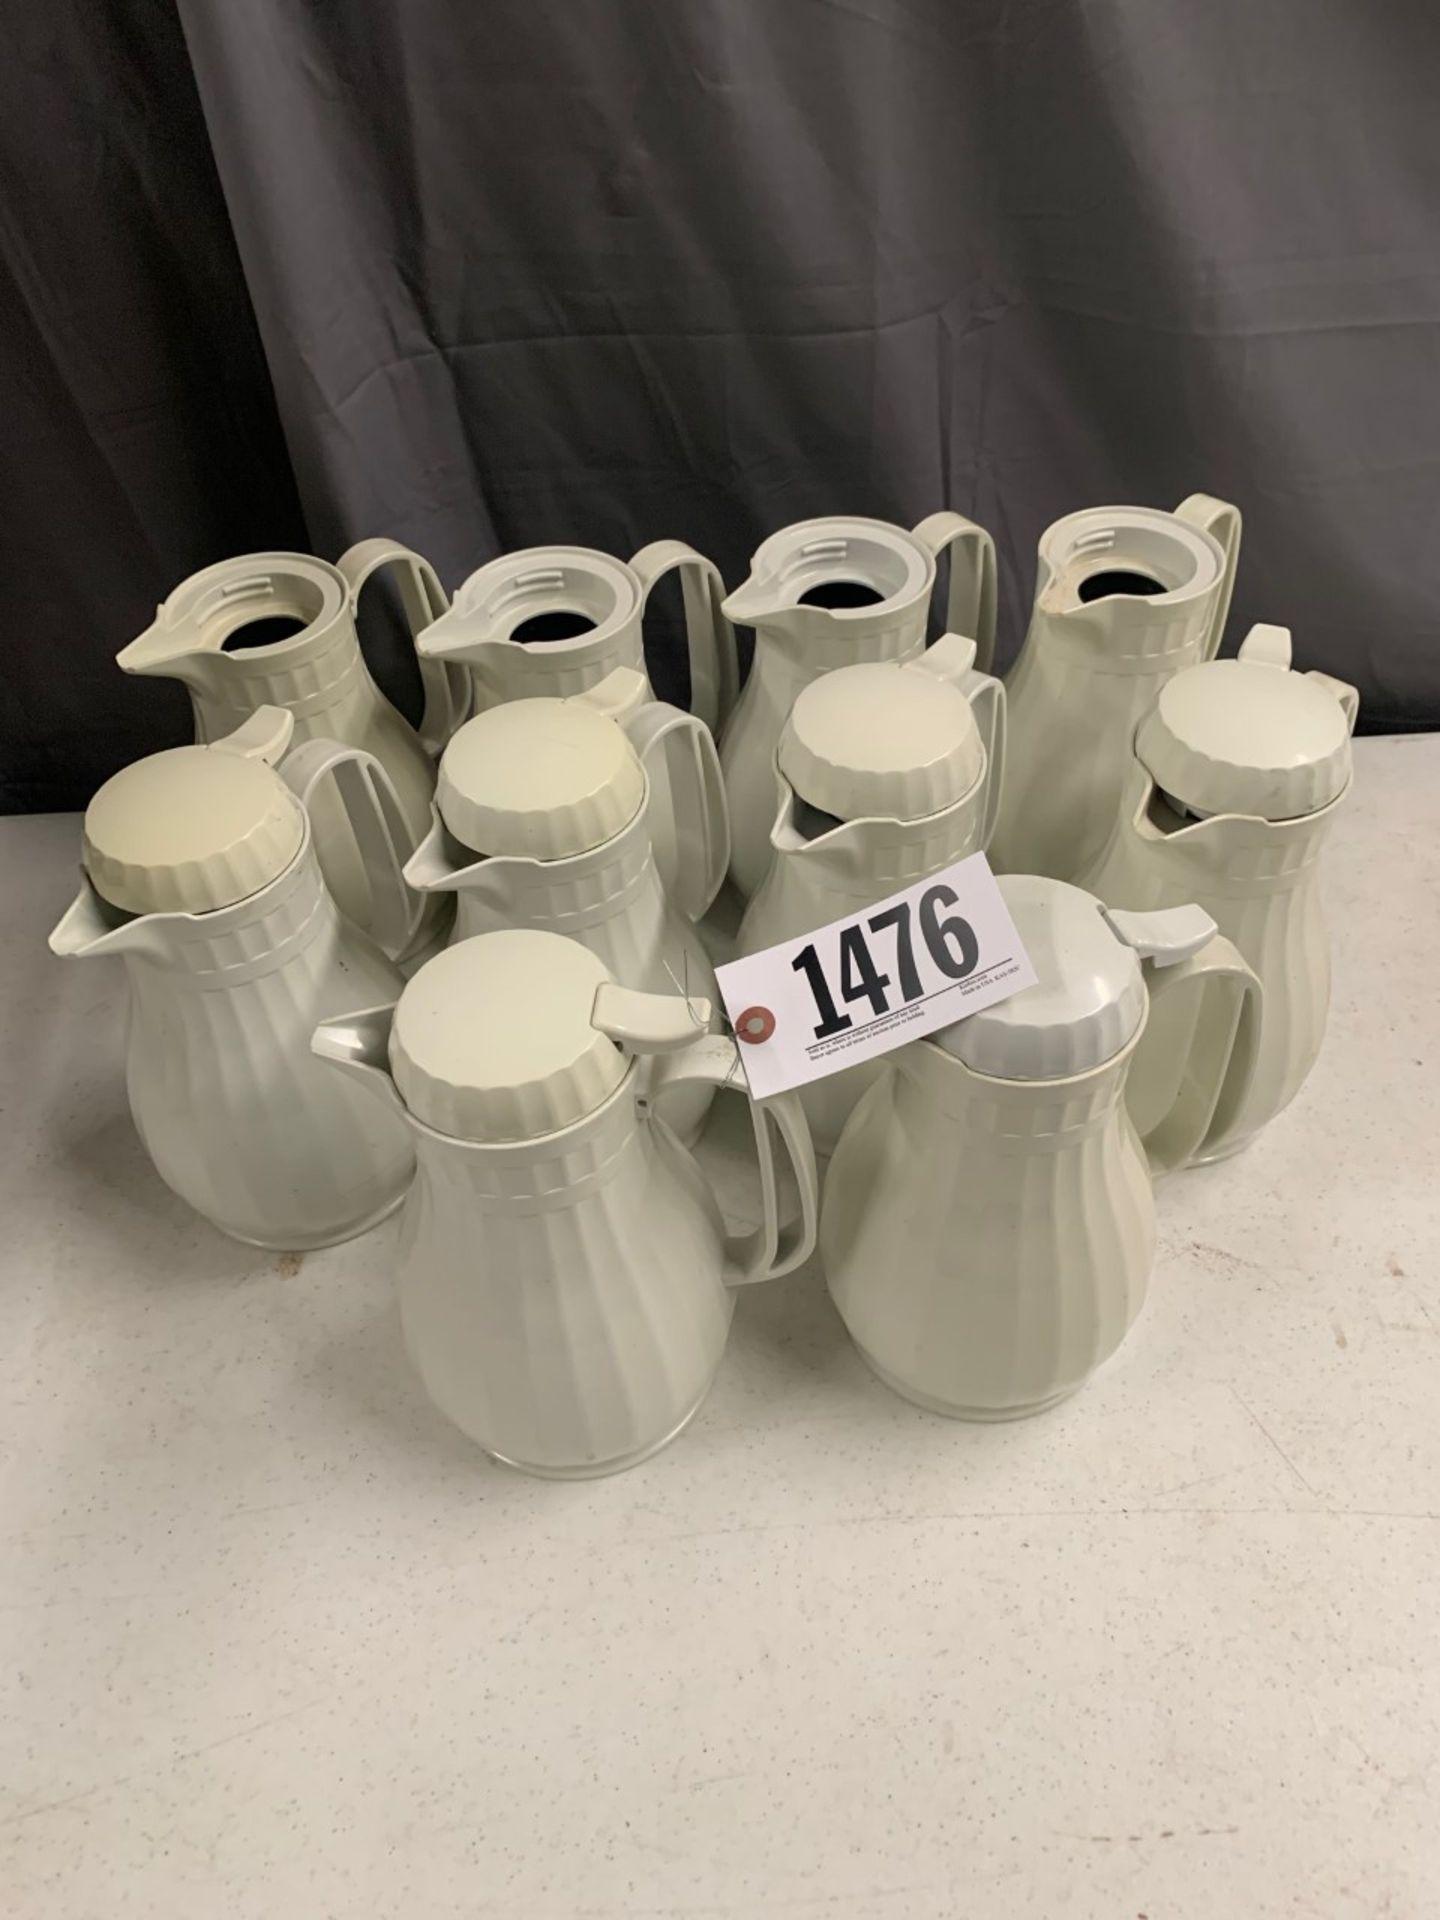 Lot 1476 - 10 pcs white coffee pots, 4 no lids